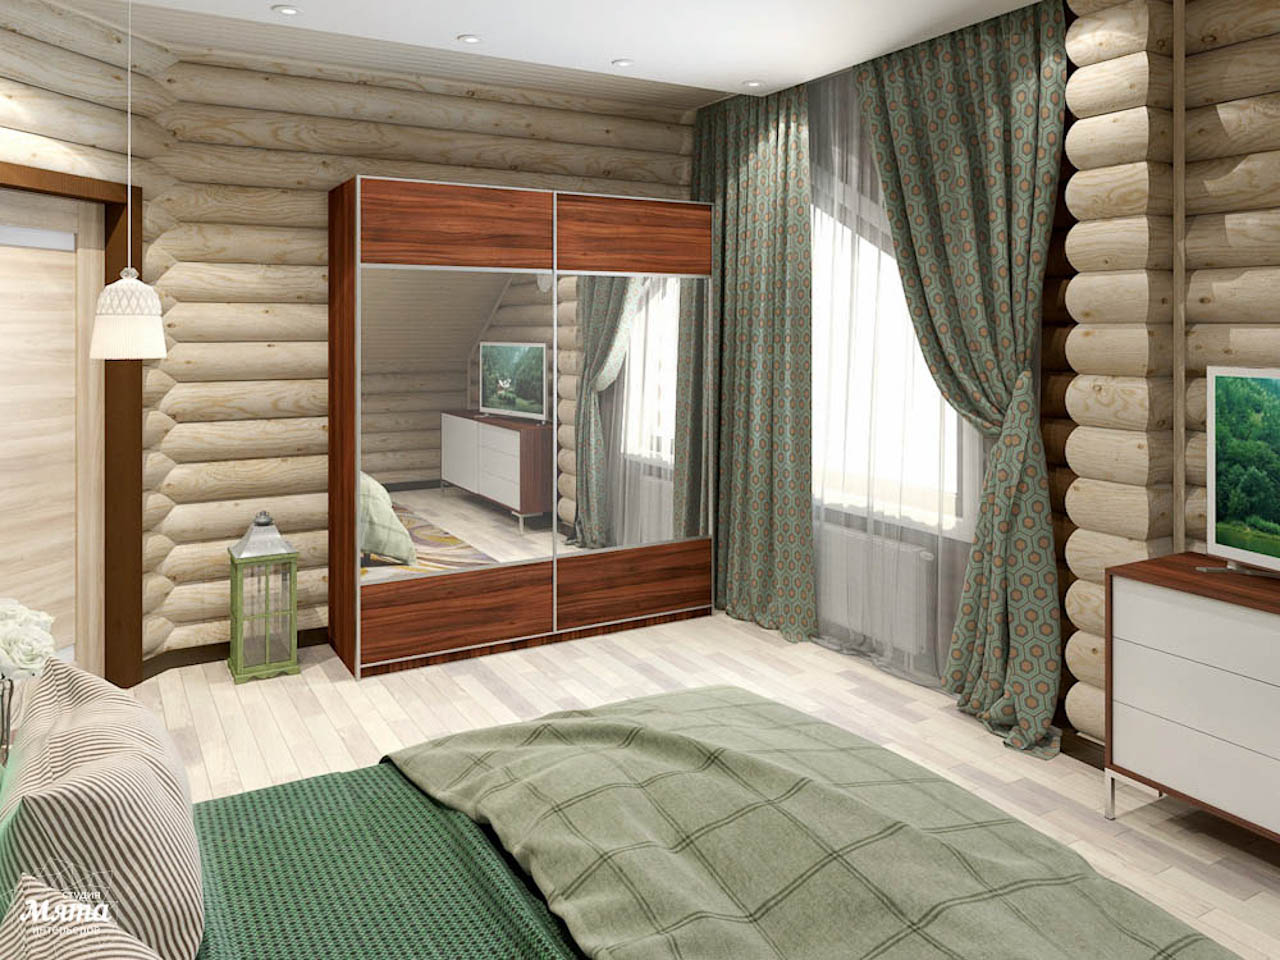 Дизайн интерьера коттеджа в п. В. Сысерть  img707379723